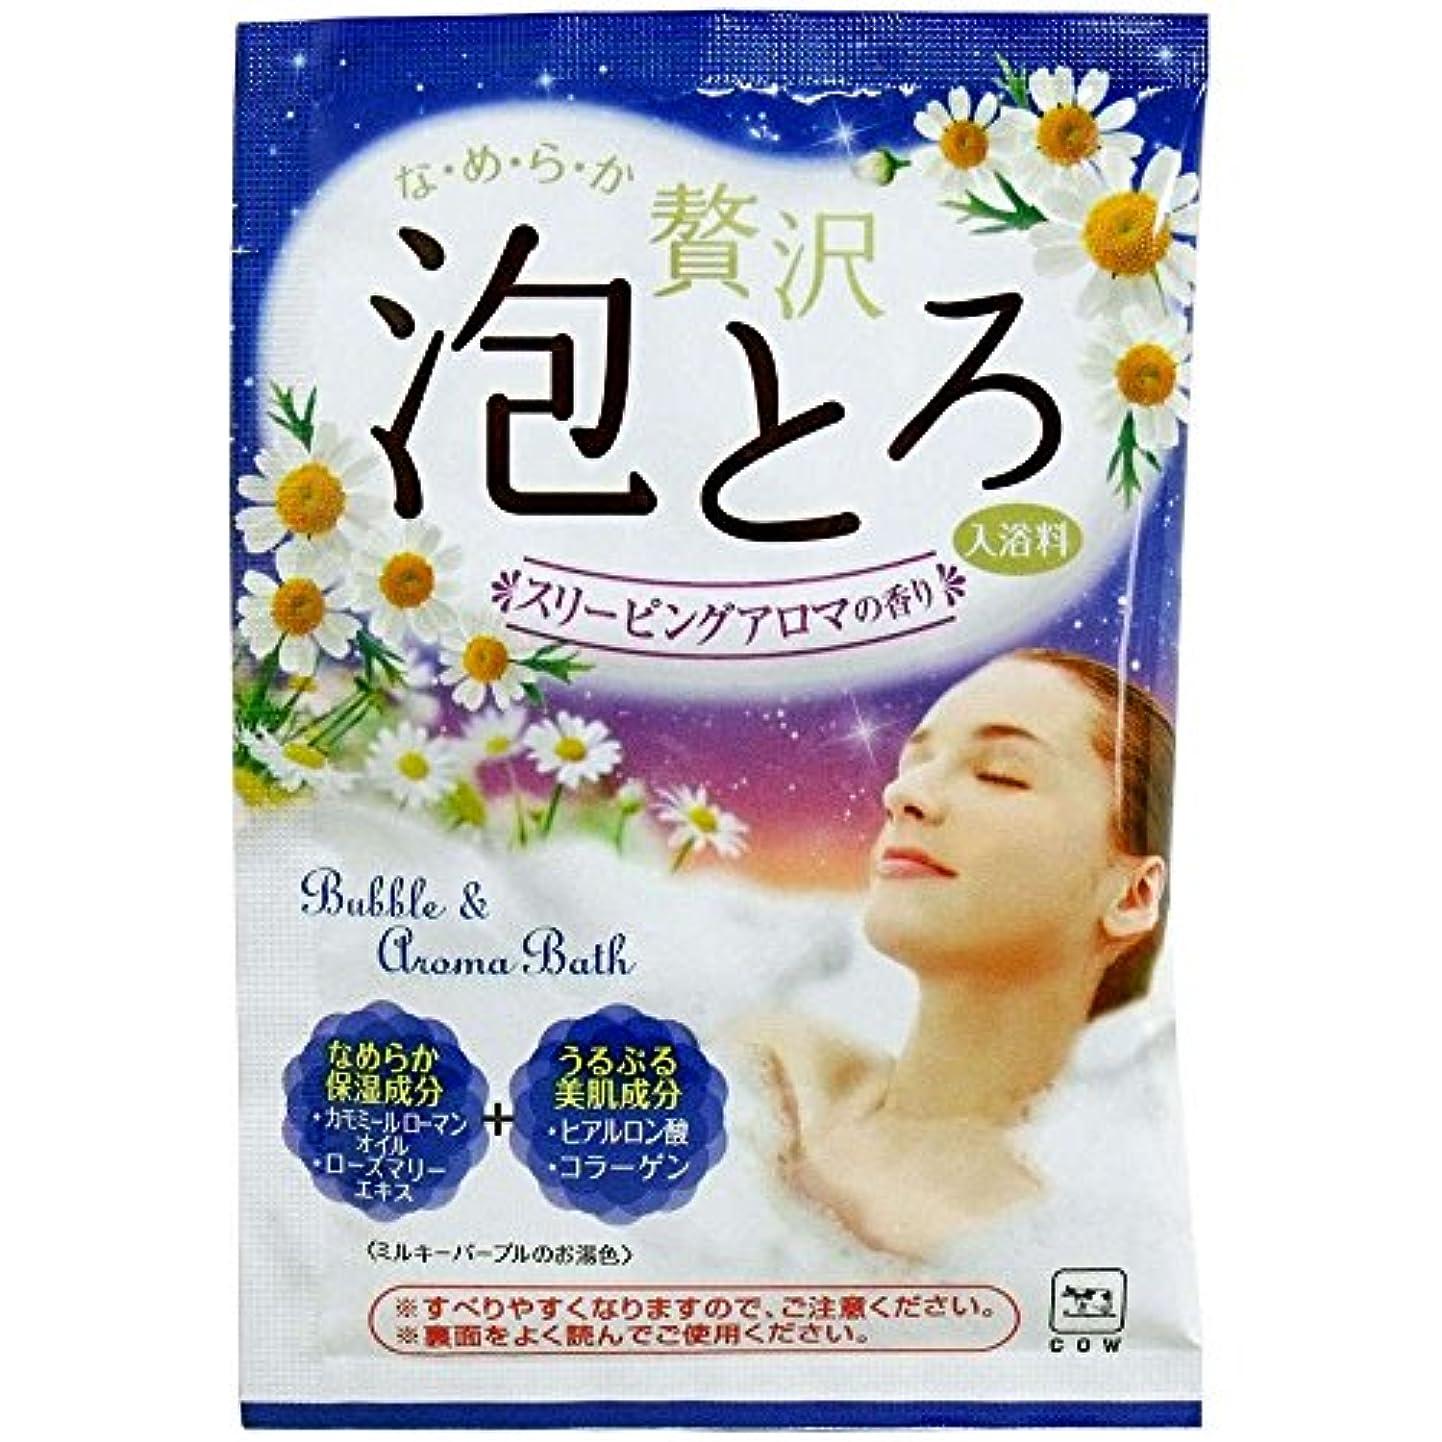 家禽排出介入する牛乳石鹸共進社 お湯物語 贅沢泡とろ 入浴料 スリーピングアロマの香り 30g